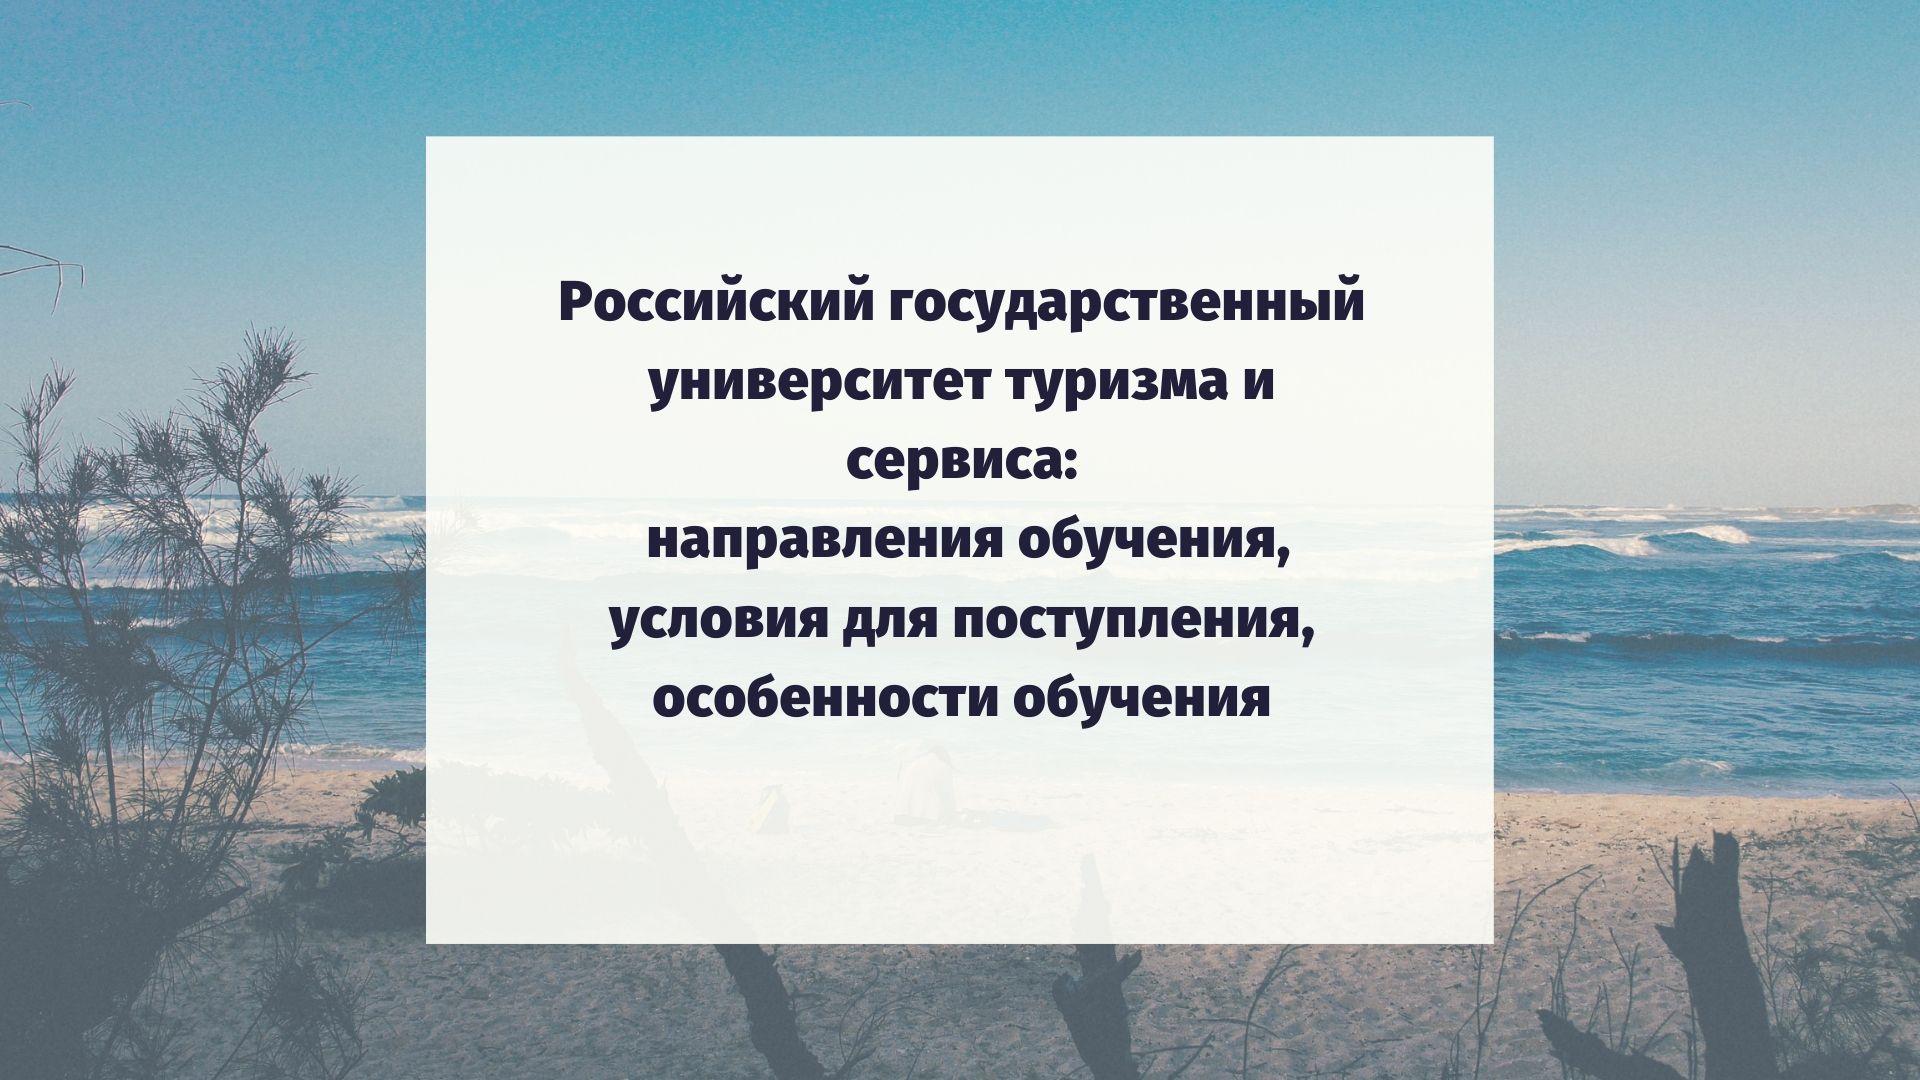 Российский государственный университет туризма и сервиса: направления обучения, условия для поступления, особенности обучения